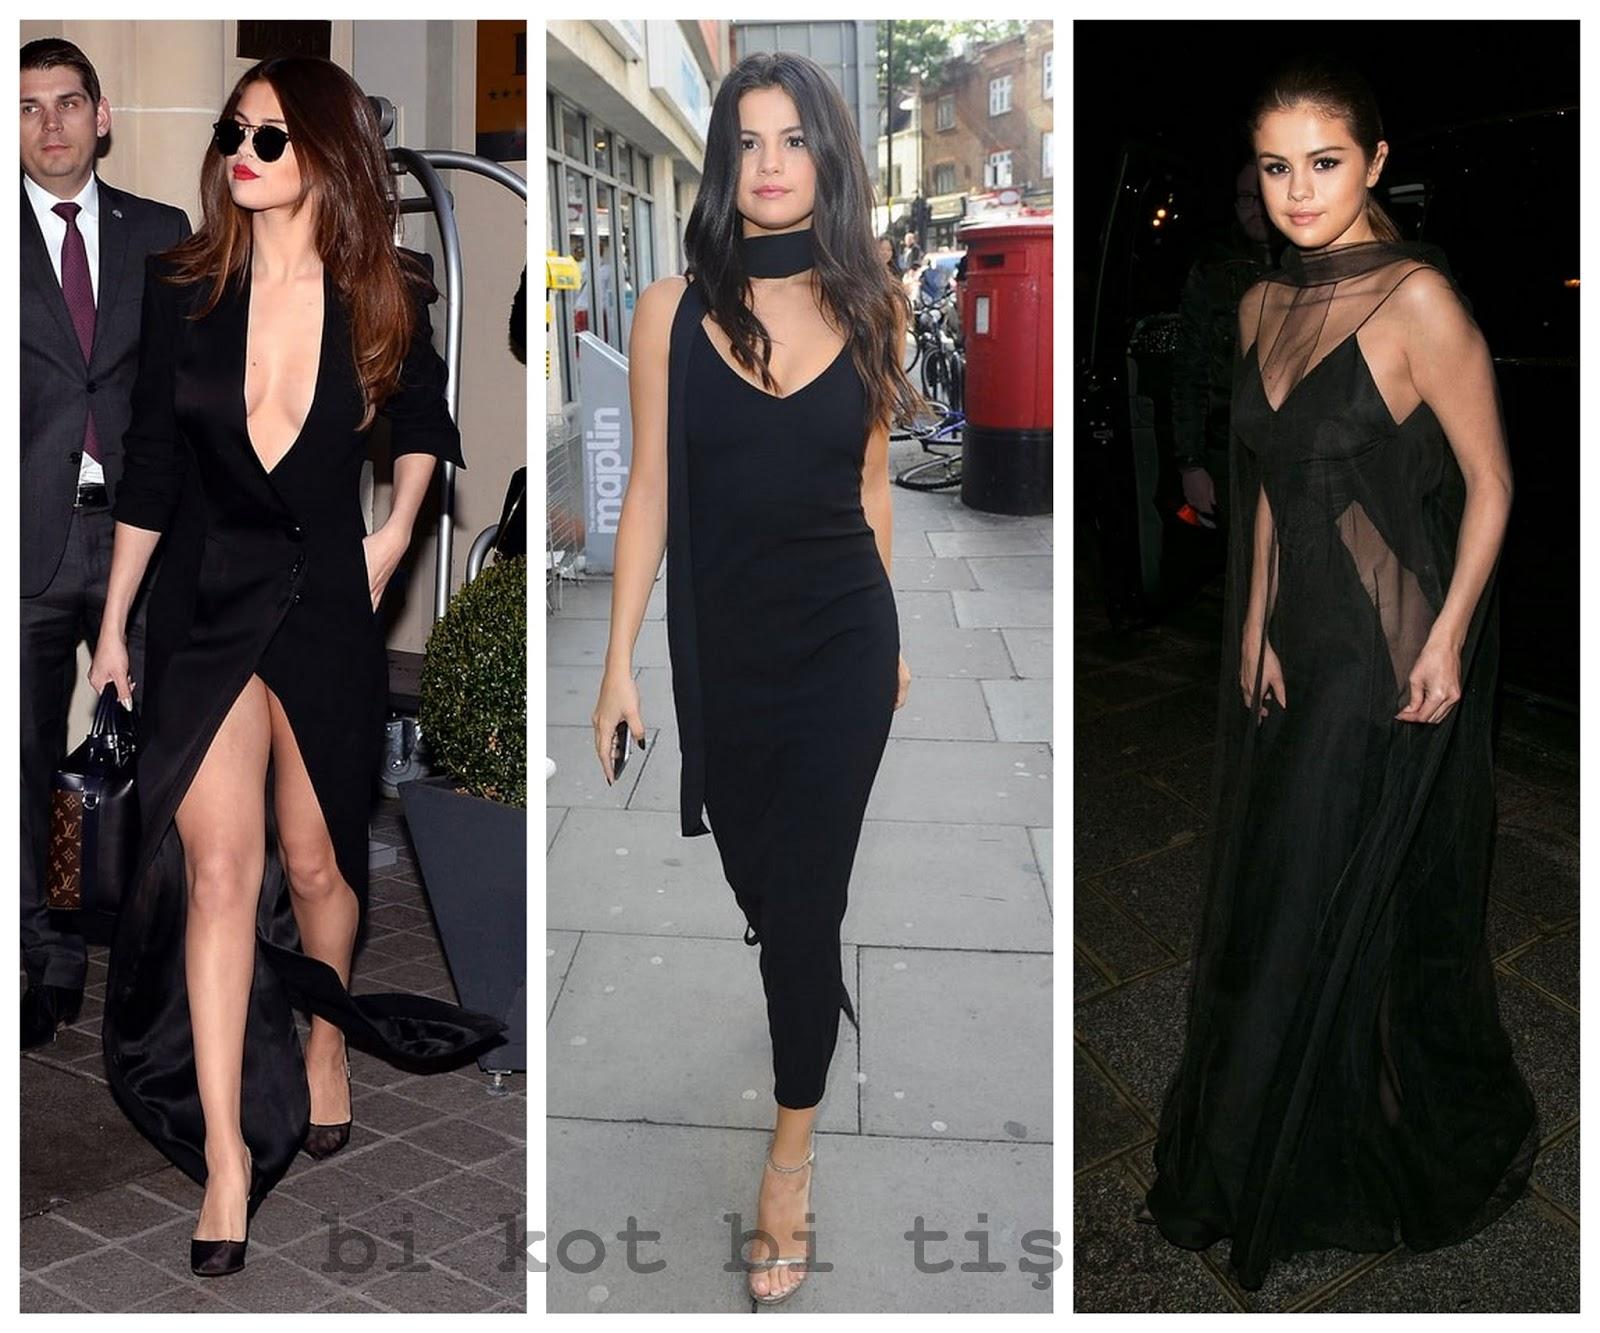 Bi Kot Bi Tirt Selena Gomez 2016 Paris Stili-4263